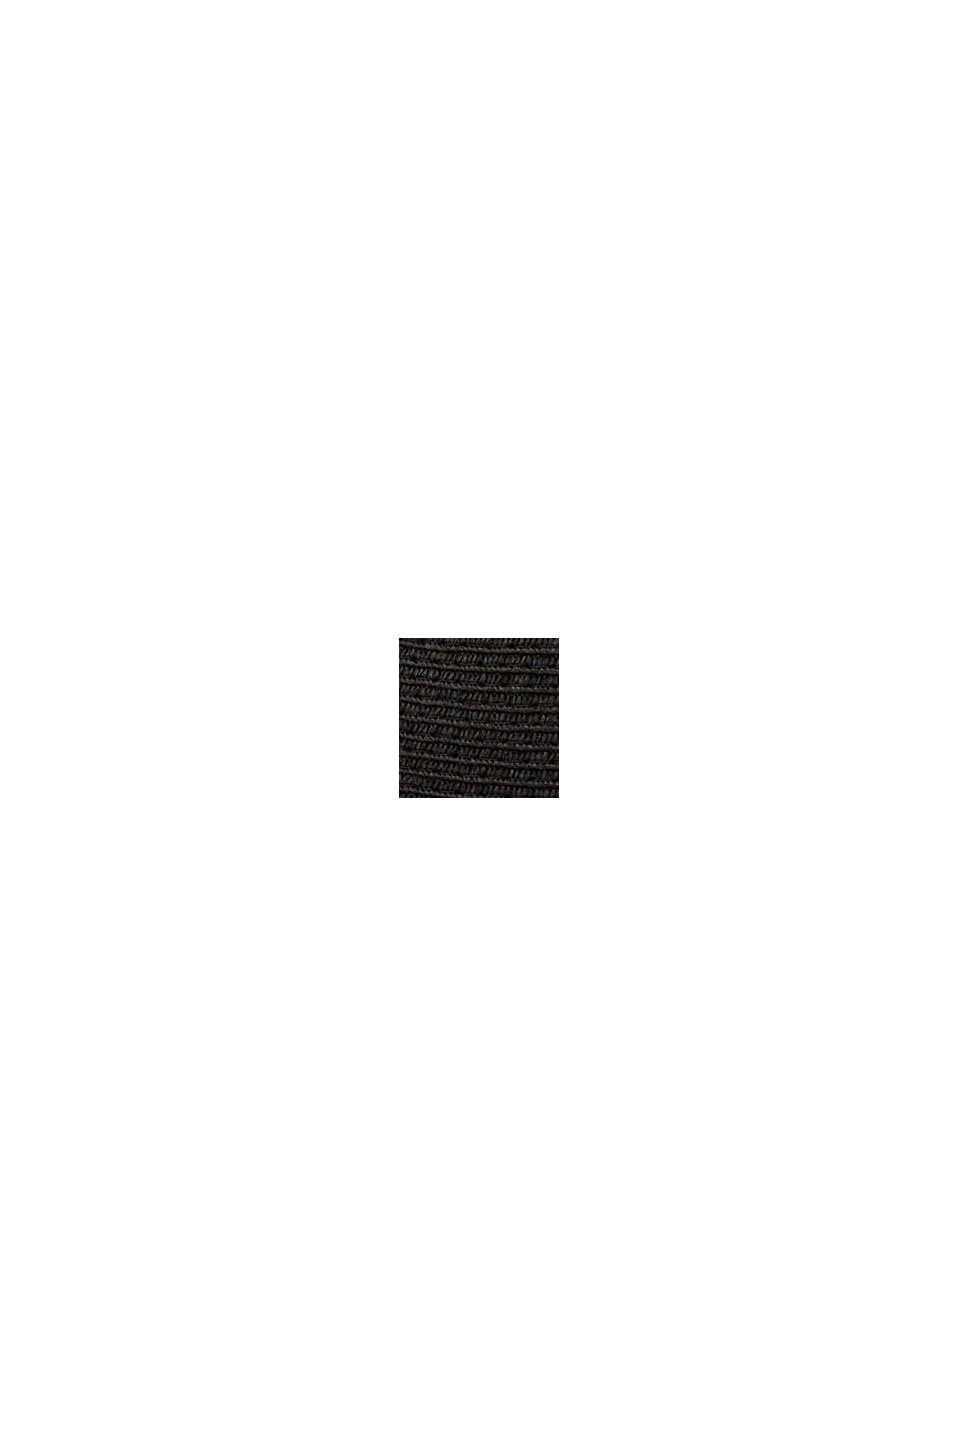 Klobouk trilby, z certifikované slámy FSC™, BLACK, swatch